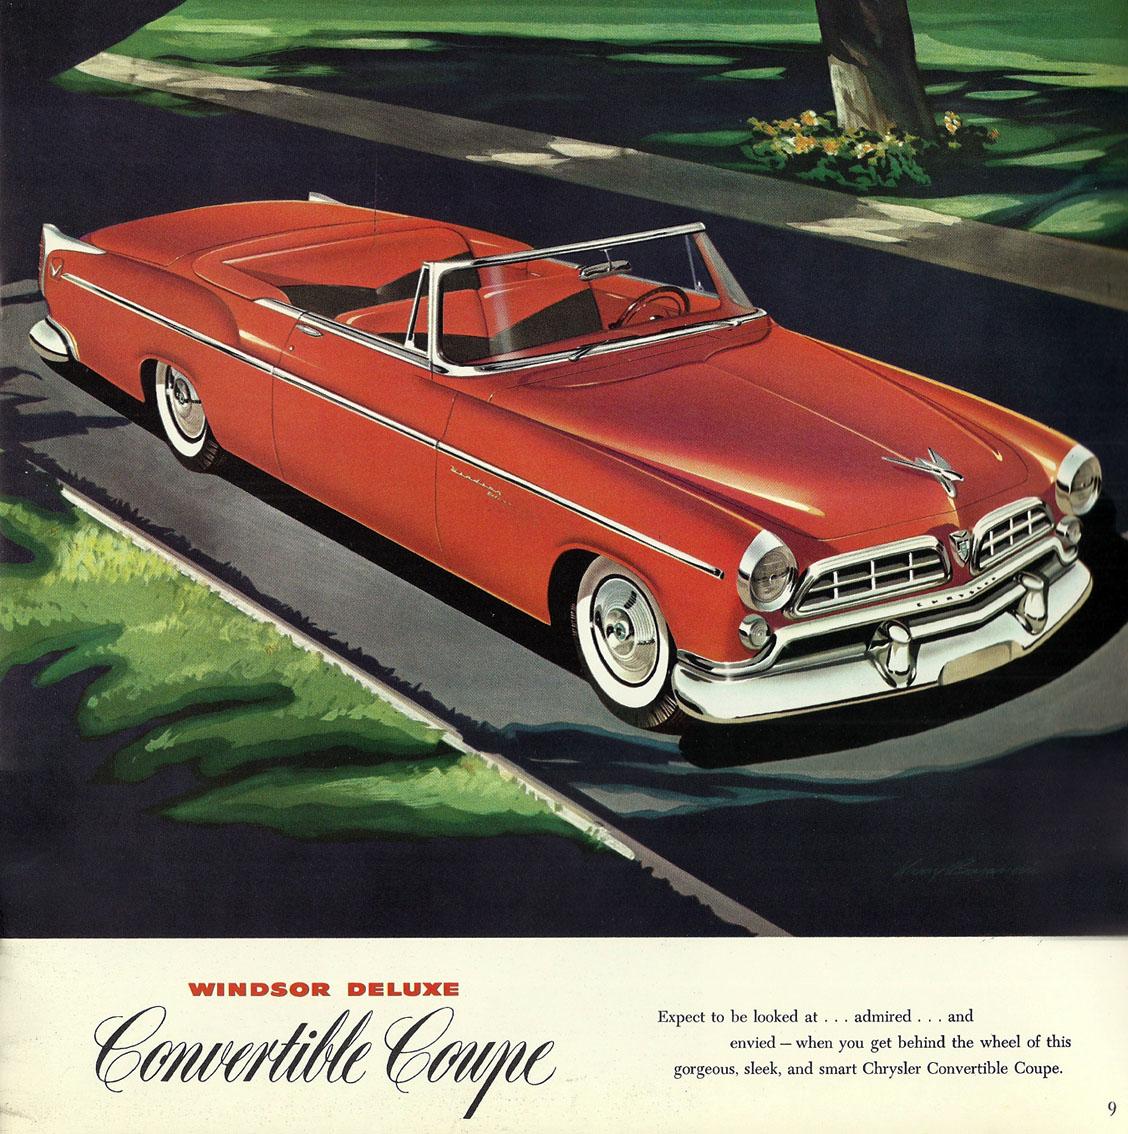 Hot Cars 1955 Chrysler Wiring Windsor